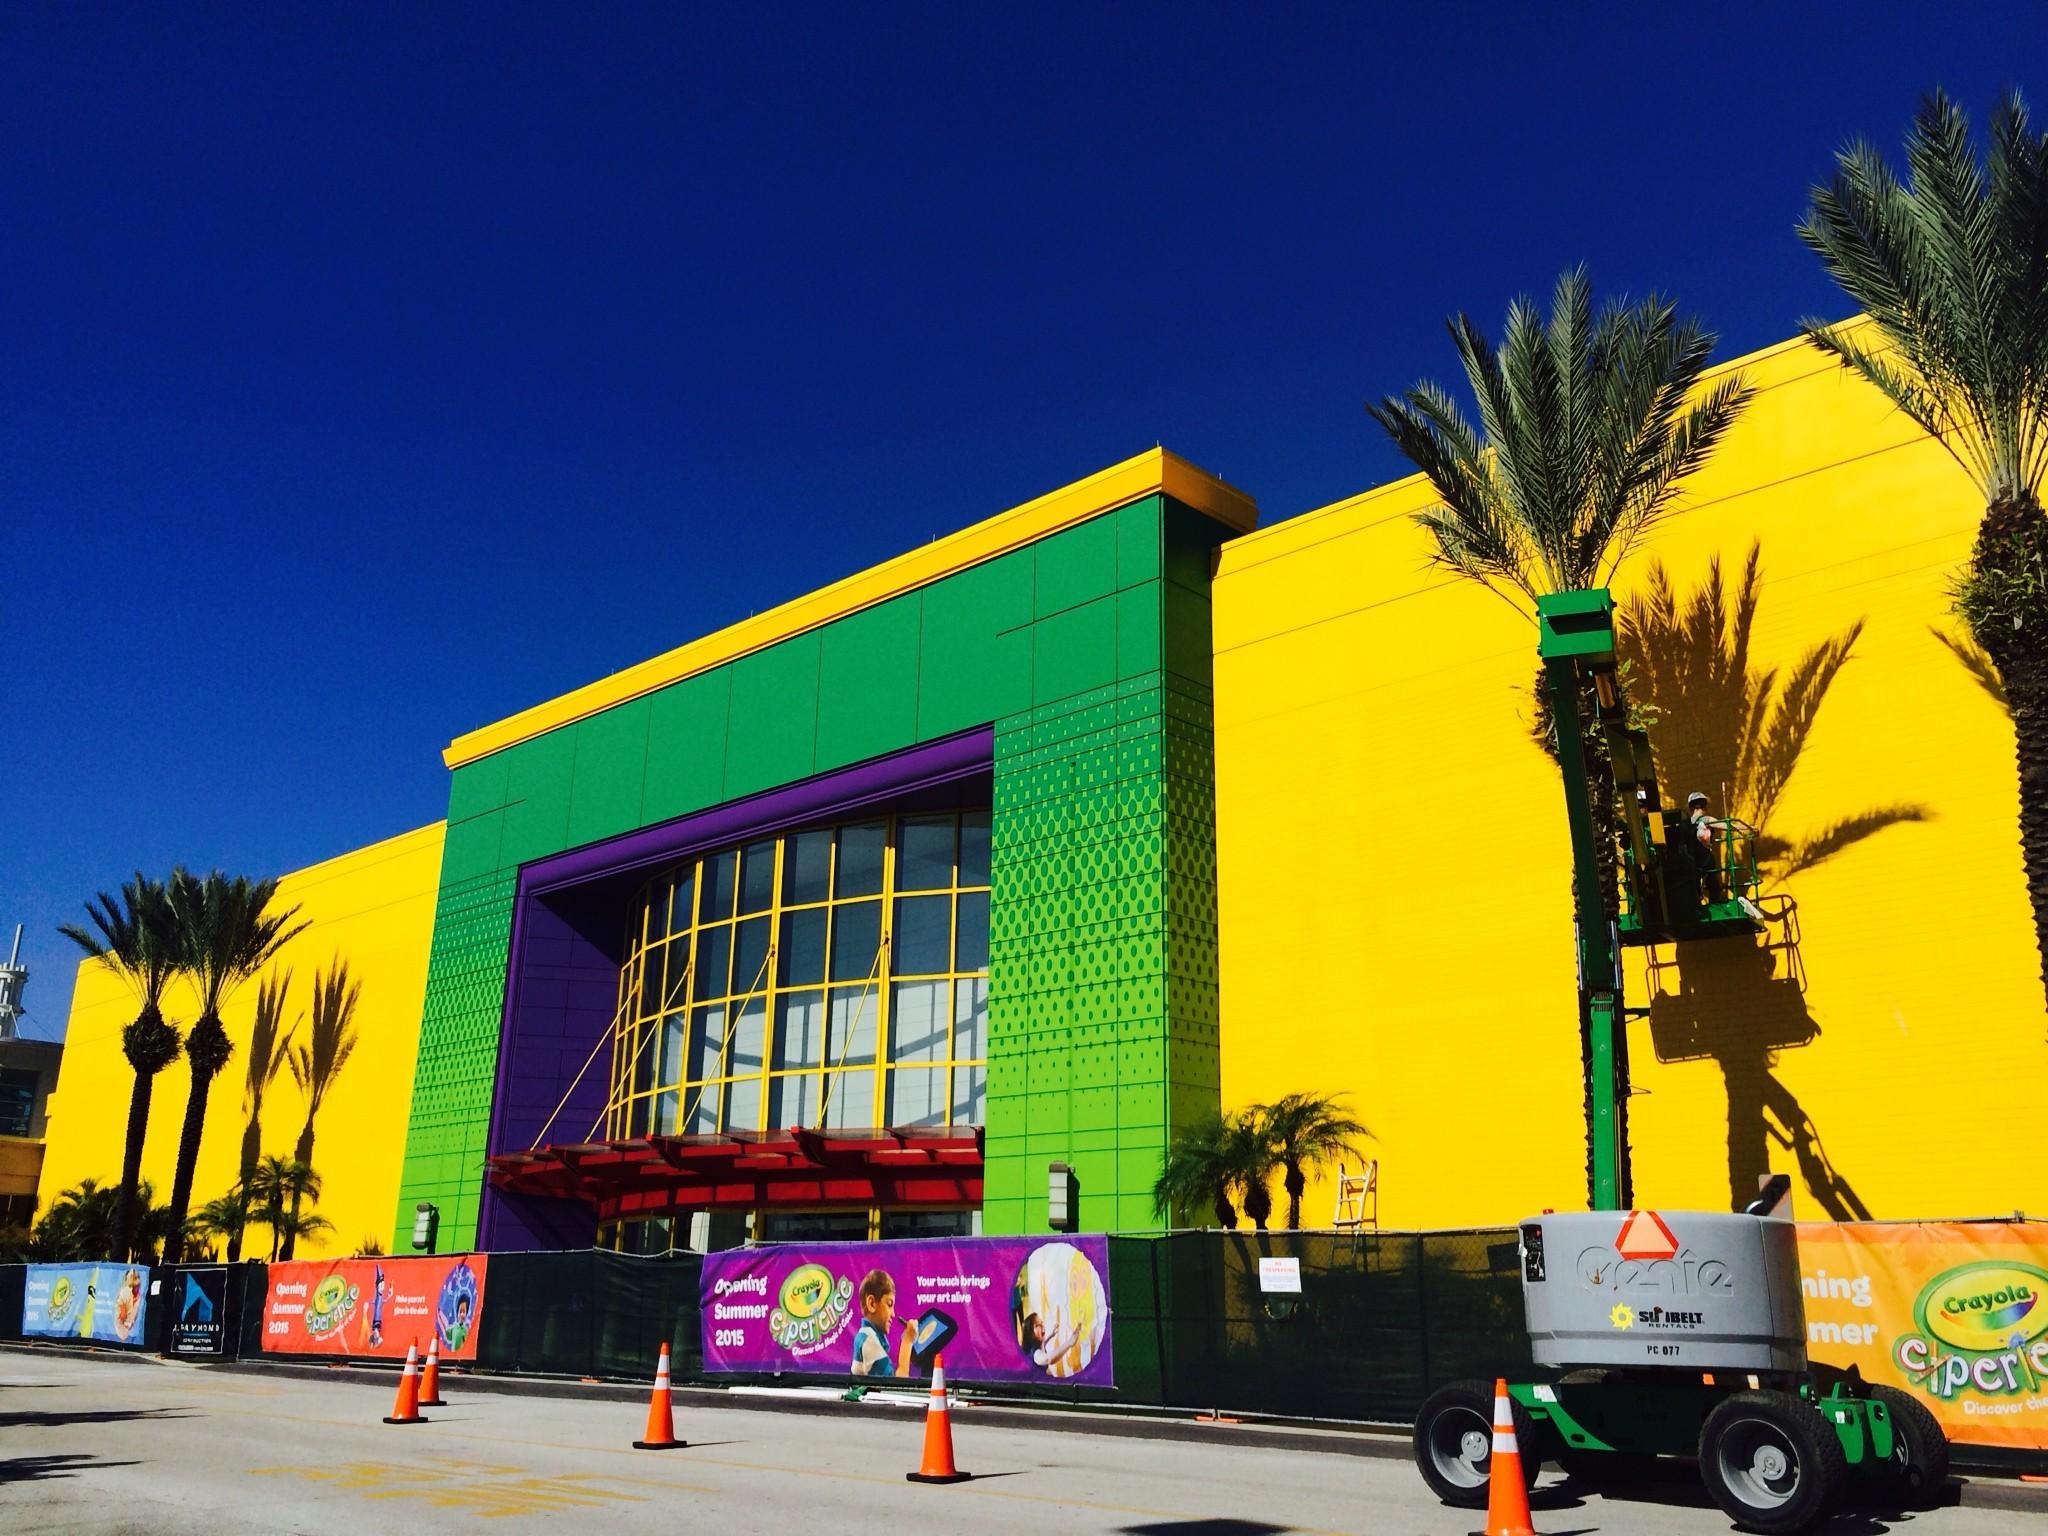 Crayola Experience en Orlando abrirá en el verano - El Sentinel